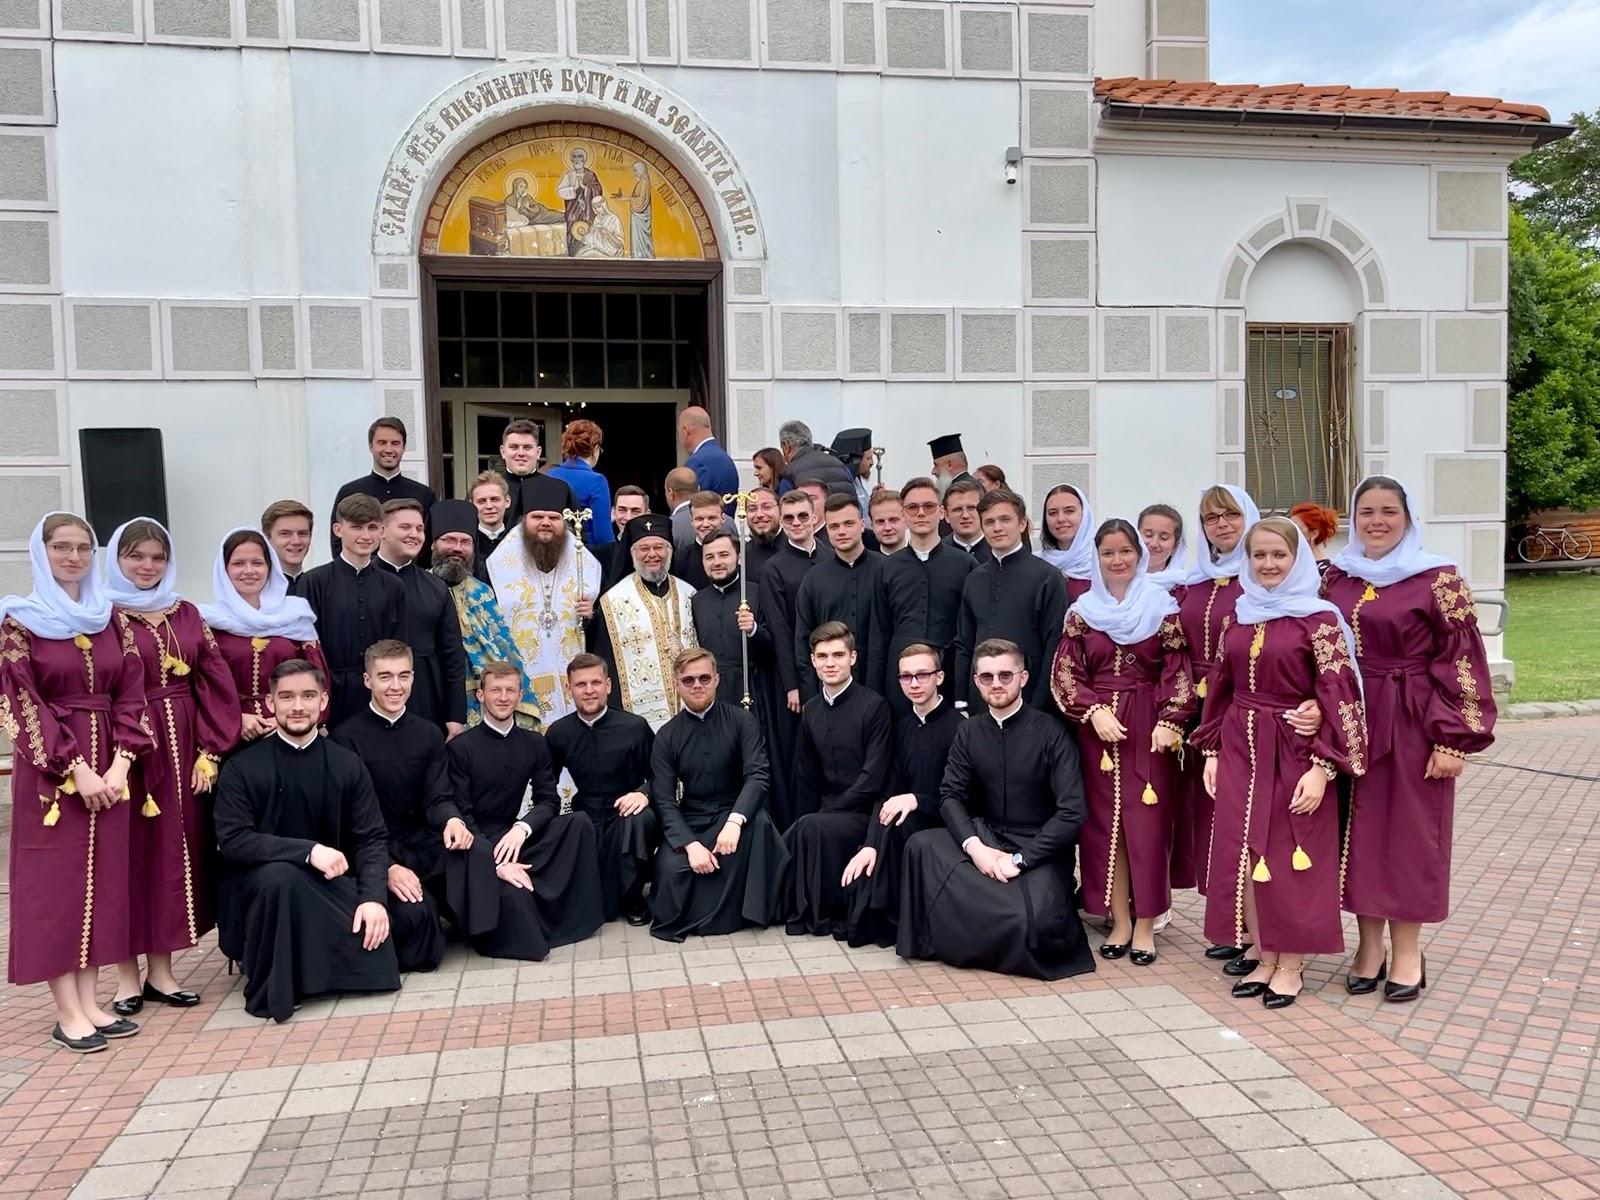 Хор КДАіС виступив на Міжнародному фестивалі православної музики «Достойно єсть» у Болгарії